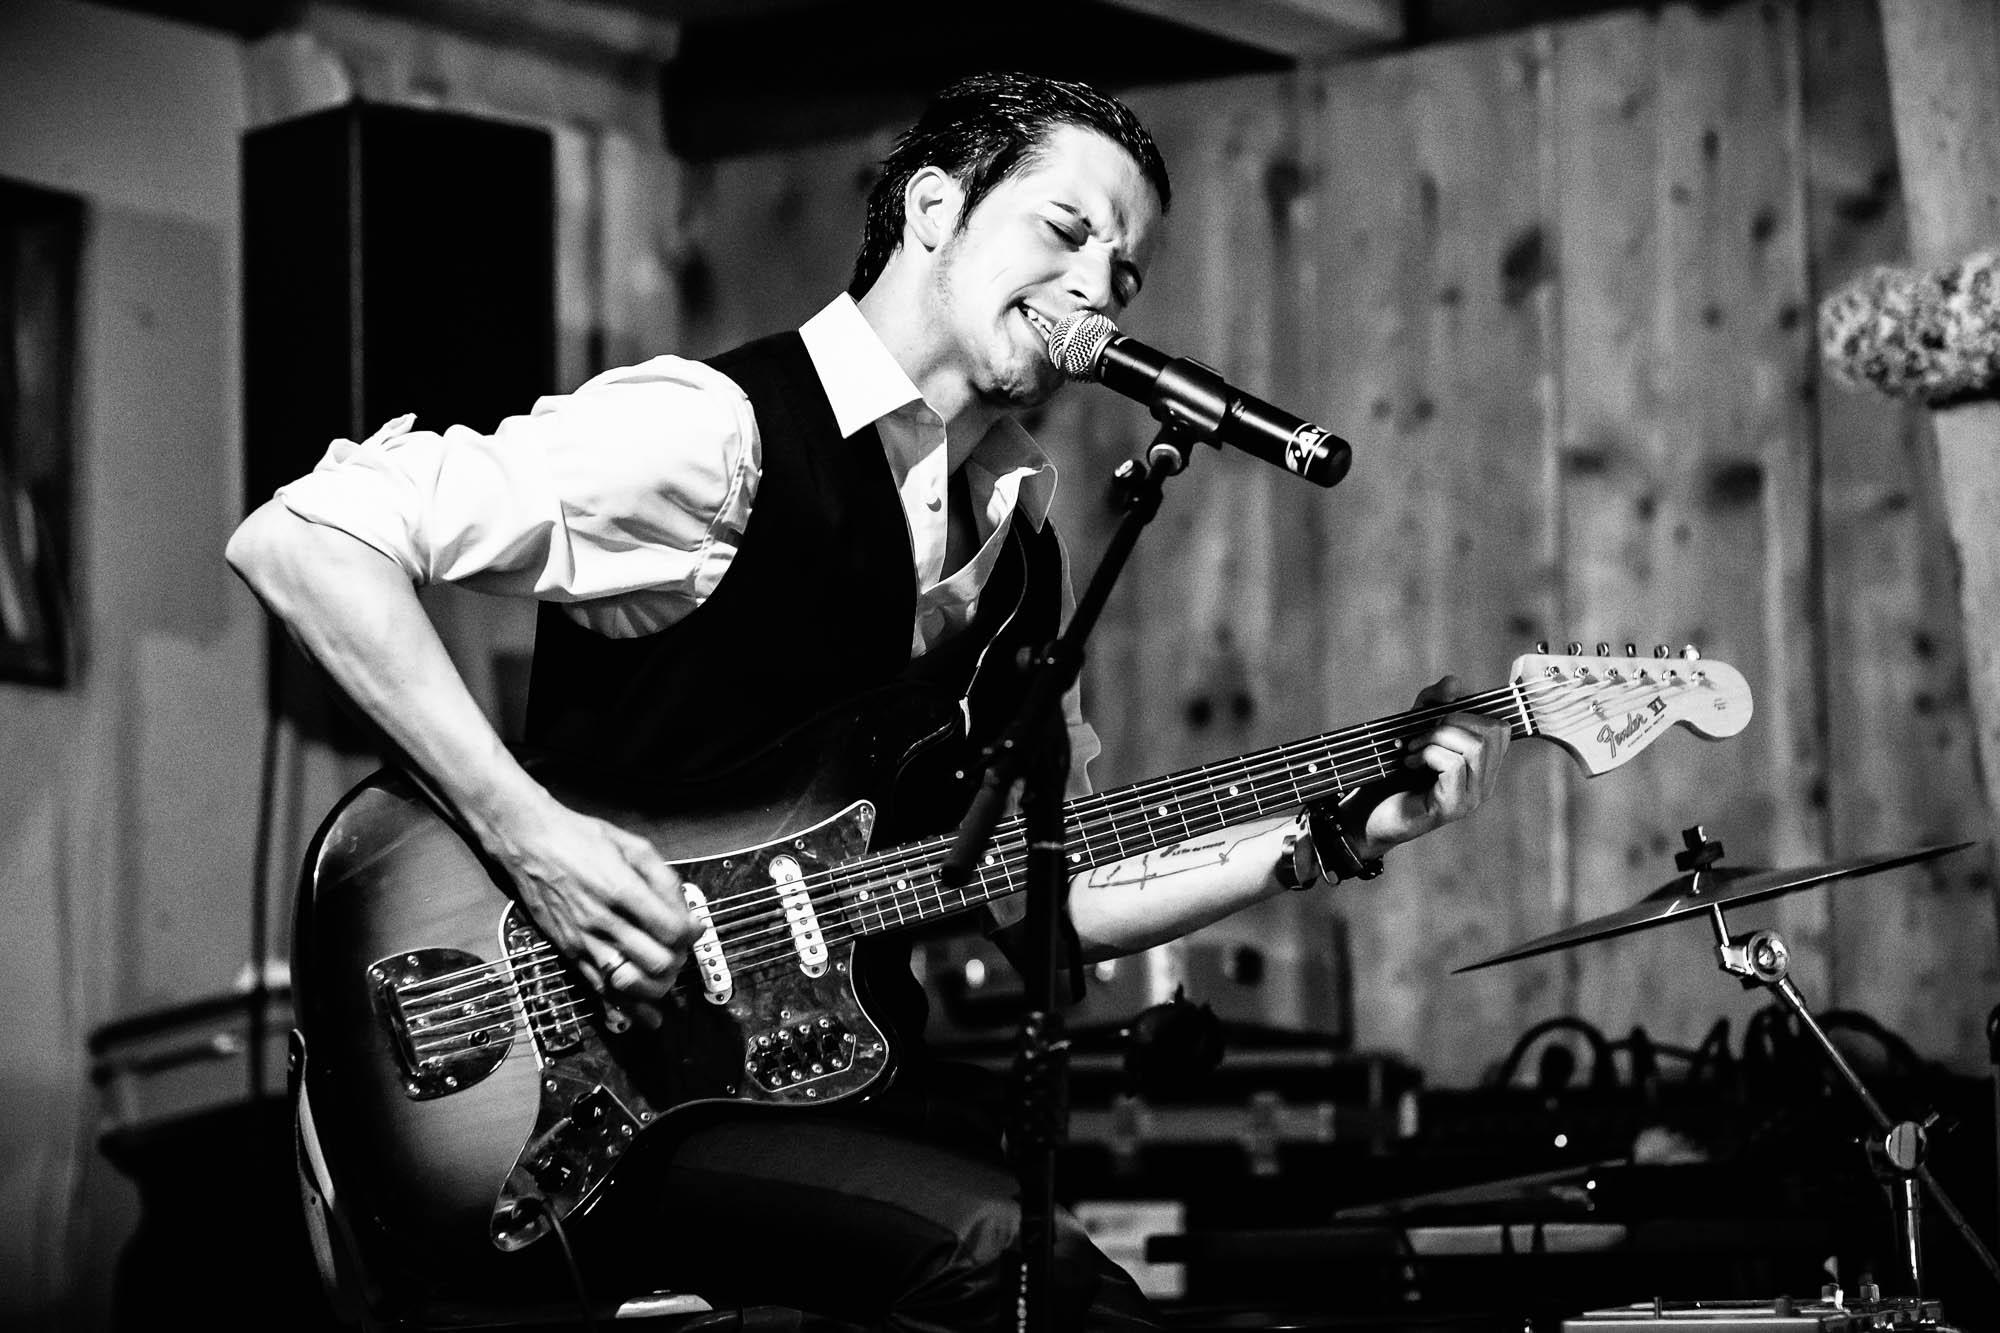 Gitarrist und Sänger bringt rockige Stimmung